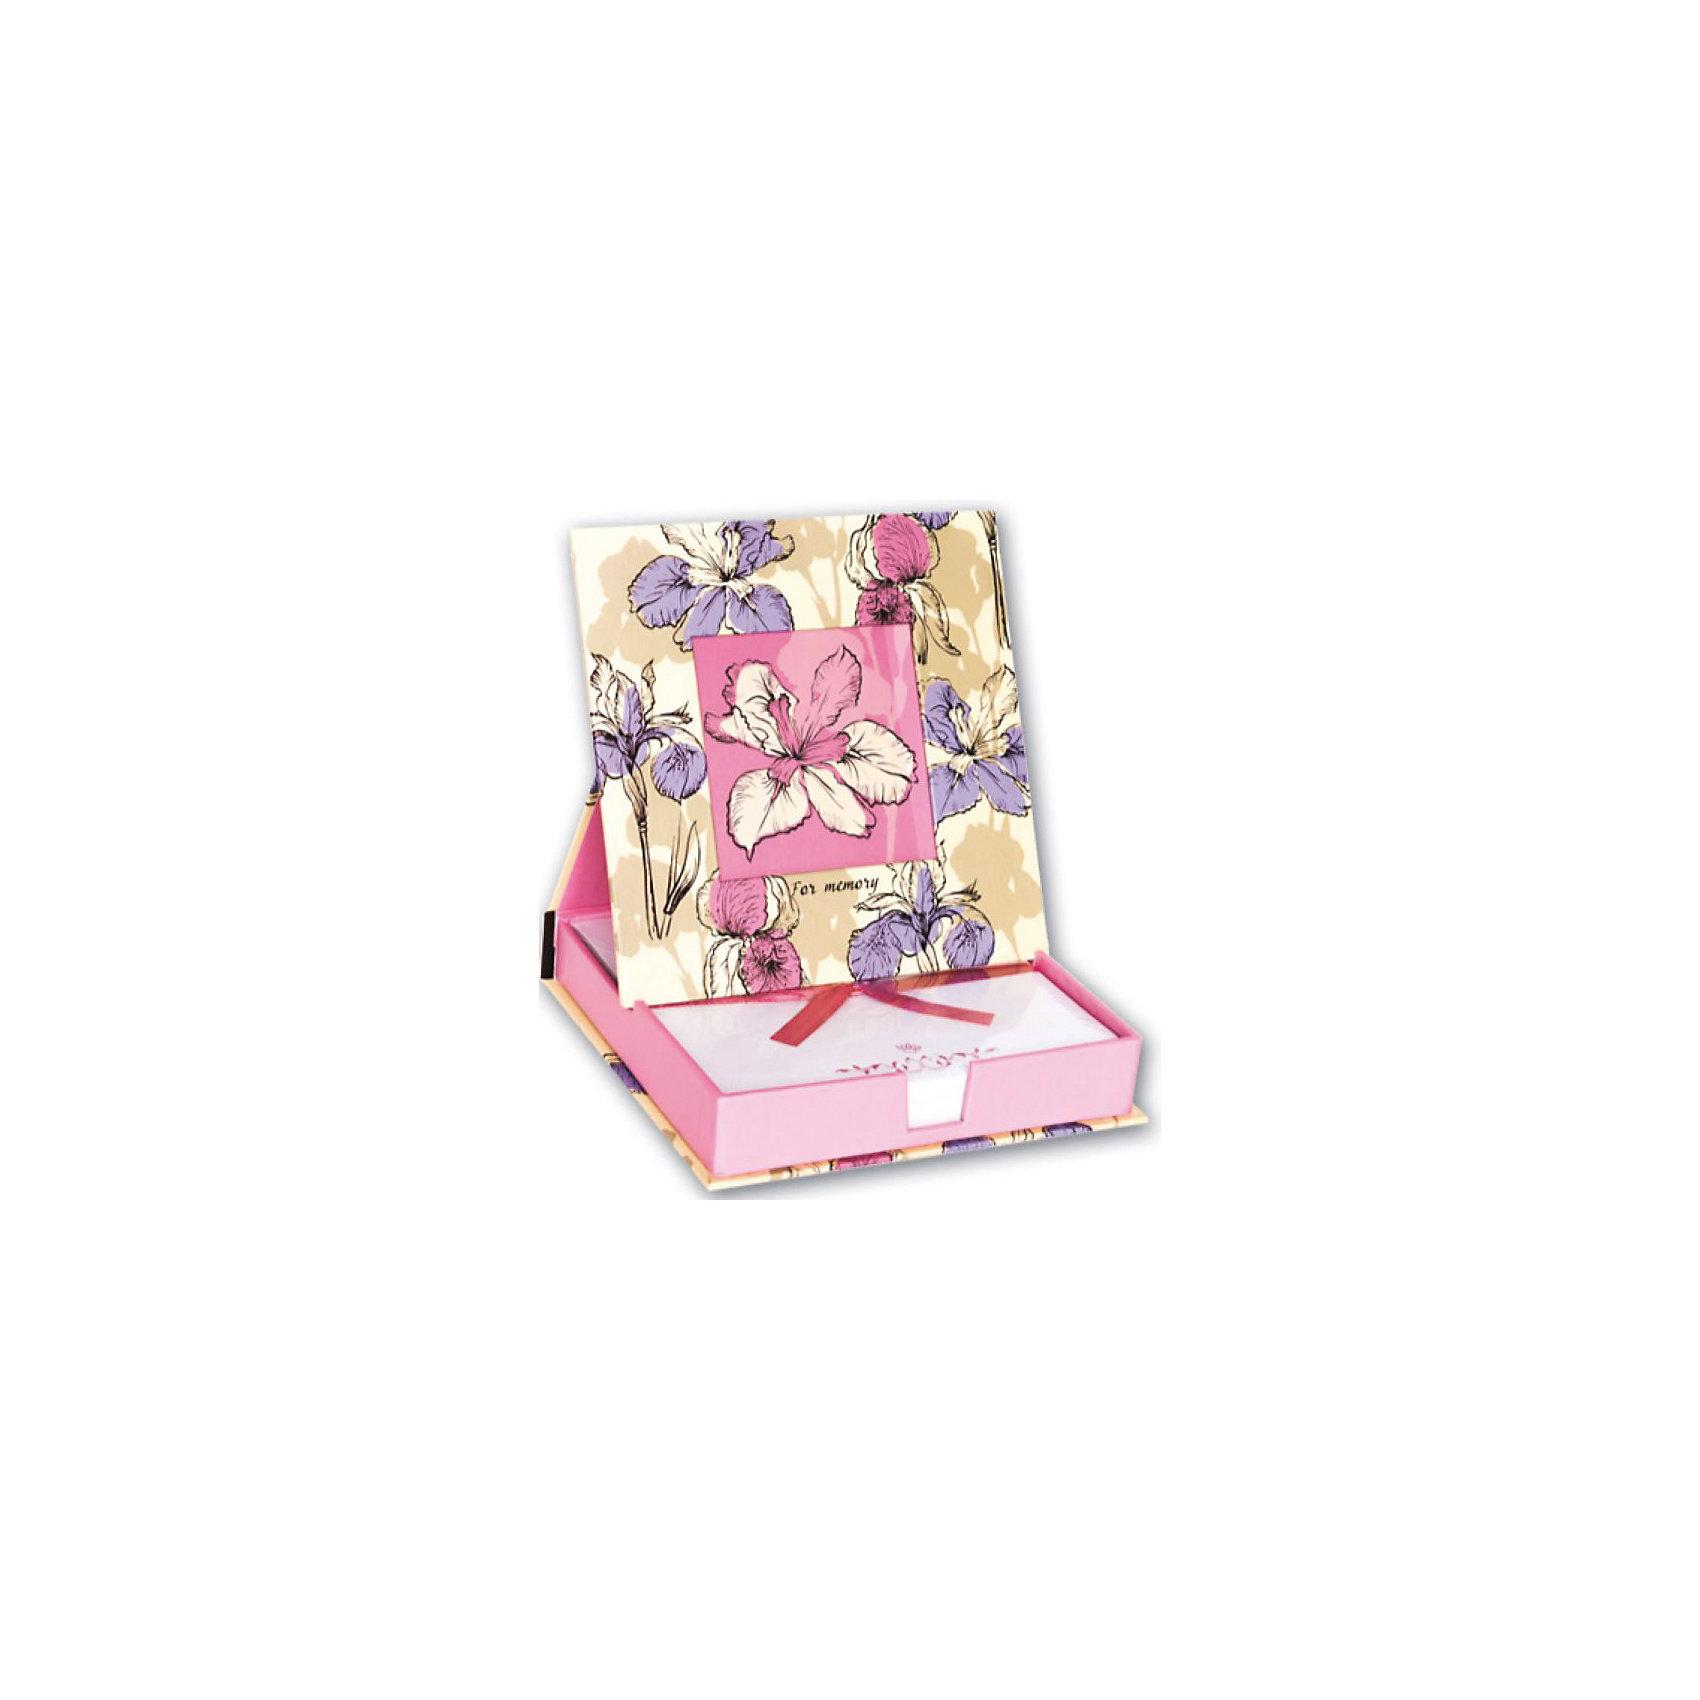 Настольный блок с фоторамкой на крышке Цветок, 200 лНастольный блок с фоторамкой будет прекрасным и стильным сюрпризом для всех девушек!<br><br>Дополнительная информация:<br><br>- Возраст: от 10 лет.<br>- 200 листов.<br>- Орнамент: цветок.<br>- Формат: 15х15 см.<br>- Размер упаковки: 17х15,5х3 см.<br>- Вес в упаковке: 320 г.<br><br>Купить настольный блок с фоторамкой на крышке Цветок можно в нашем магазине.<br><br>Ширина мм: 170<br>Глубина мм: 155<br>Высота мм: 30<br>Вес г: 320<br>Возраст от месяцев: 120<br>Возраст до месяцев: 2147483647<br>Пол: Женский<br>Возраст: Детский<br>SKU: 4943440